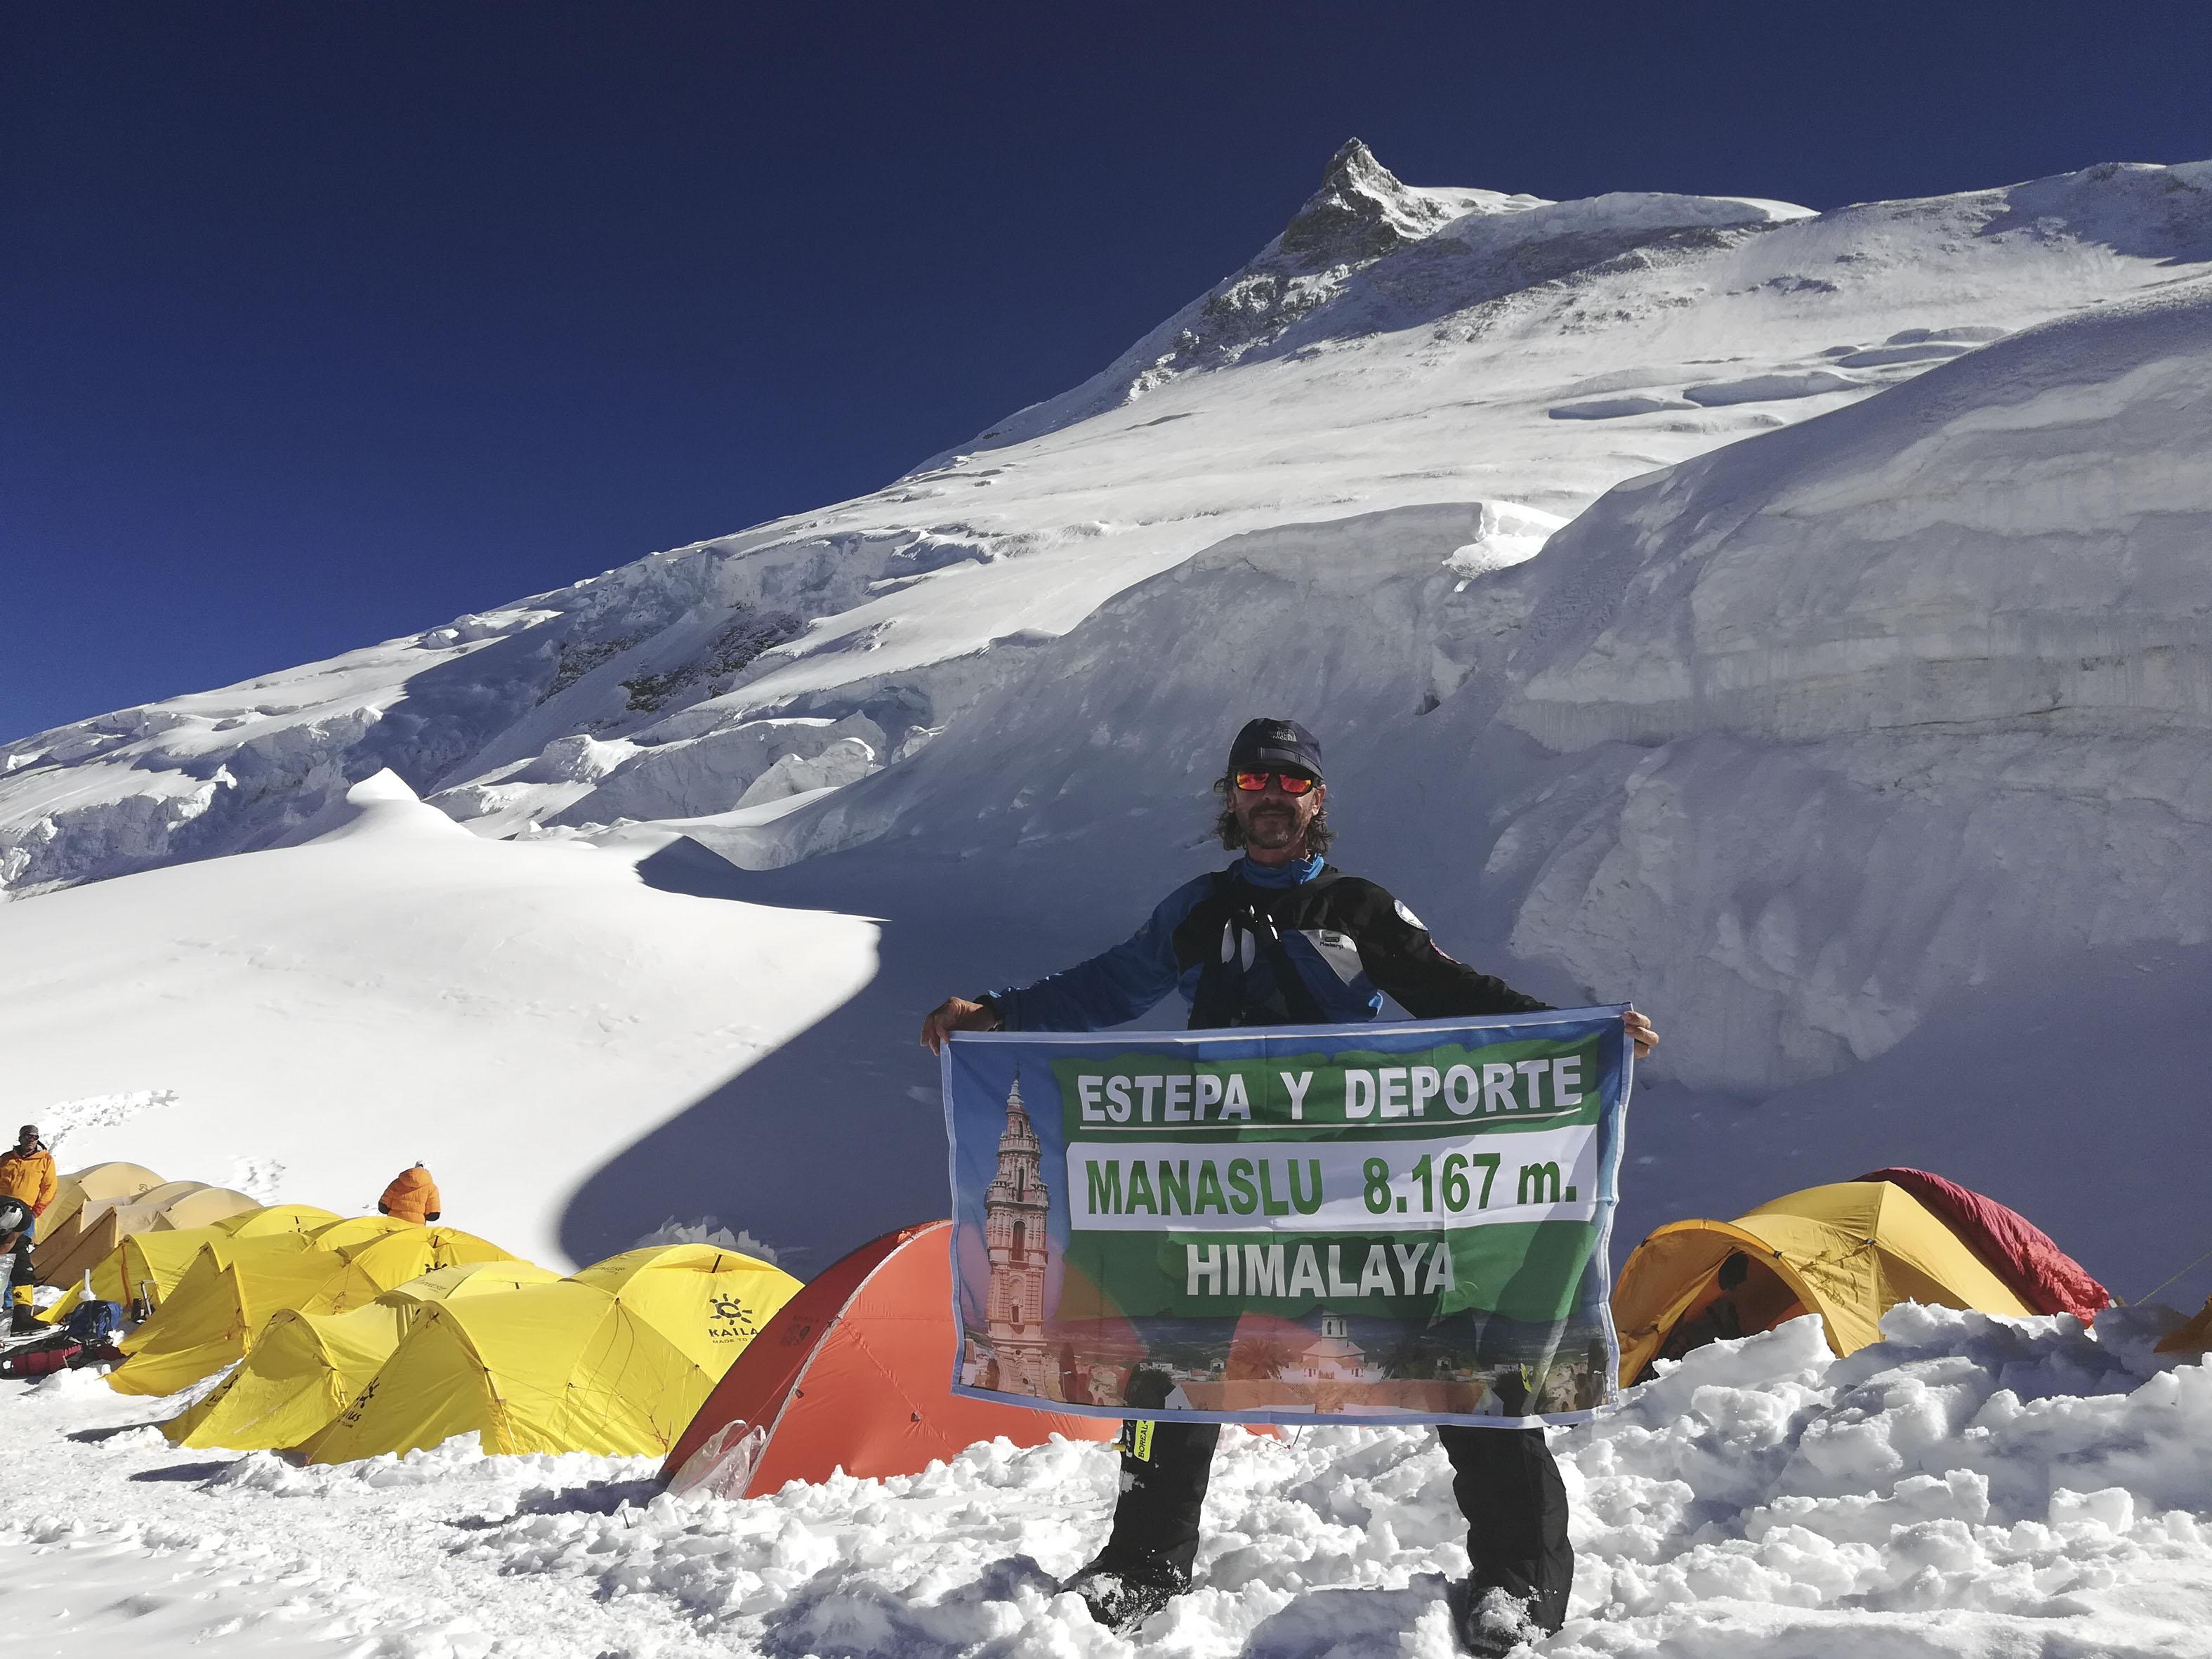 """José Manuel León, el estepeño más aventurero: """"La montaña me apasiona, todo mi tiempo libre lo dedico a ella"""""""